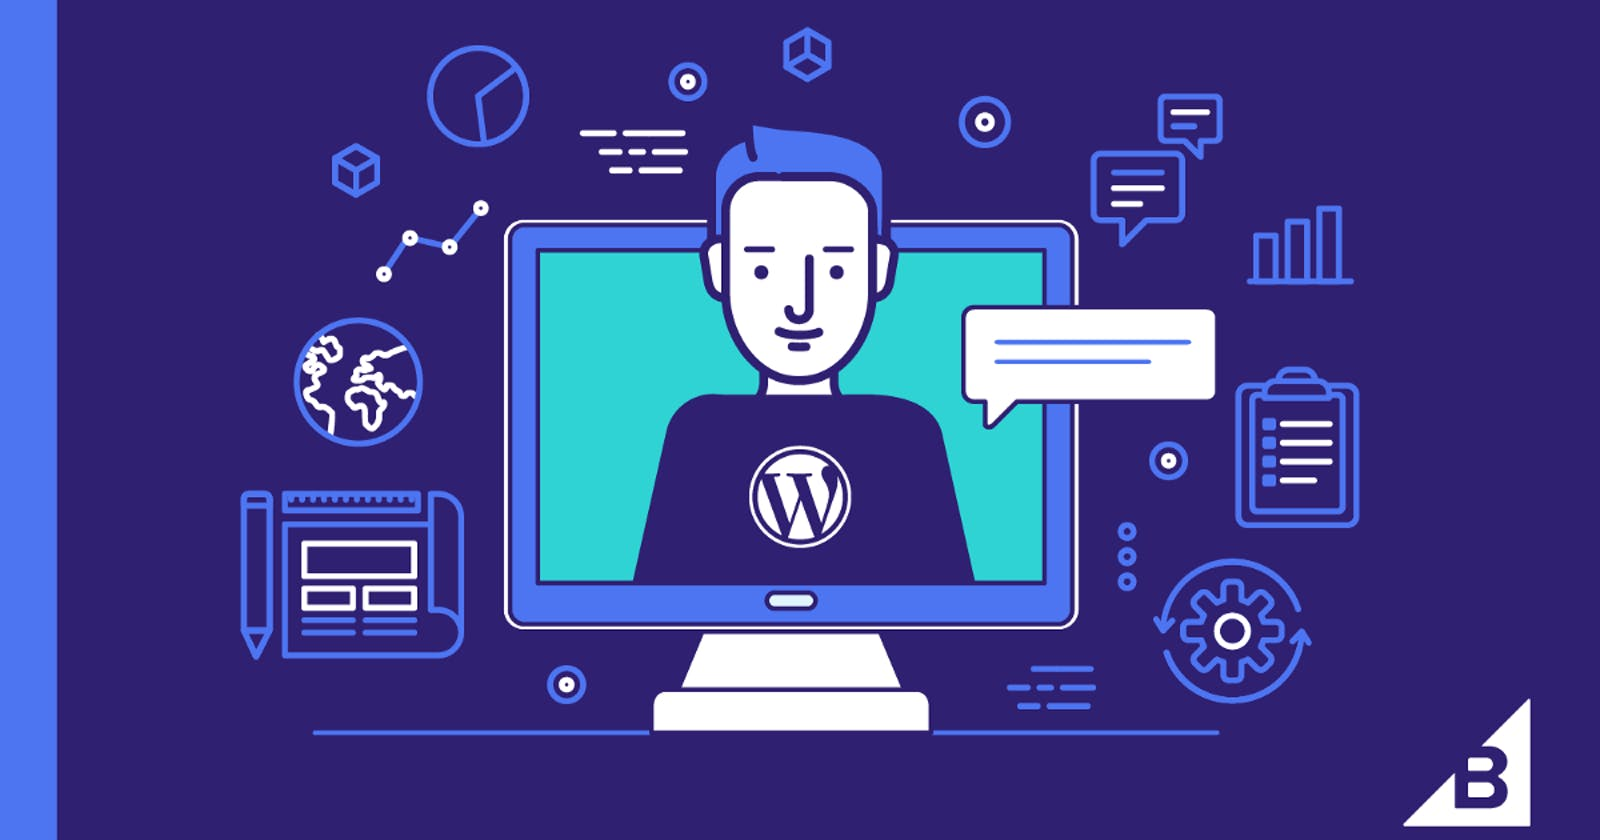 Прогрессивные веб-приложения: исчерпывающий набор ресурсов